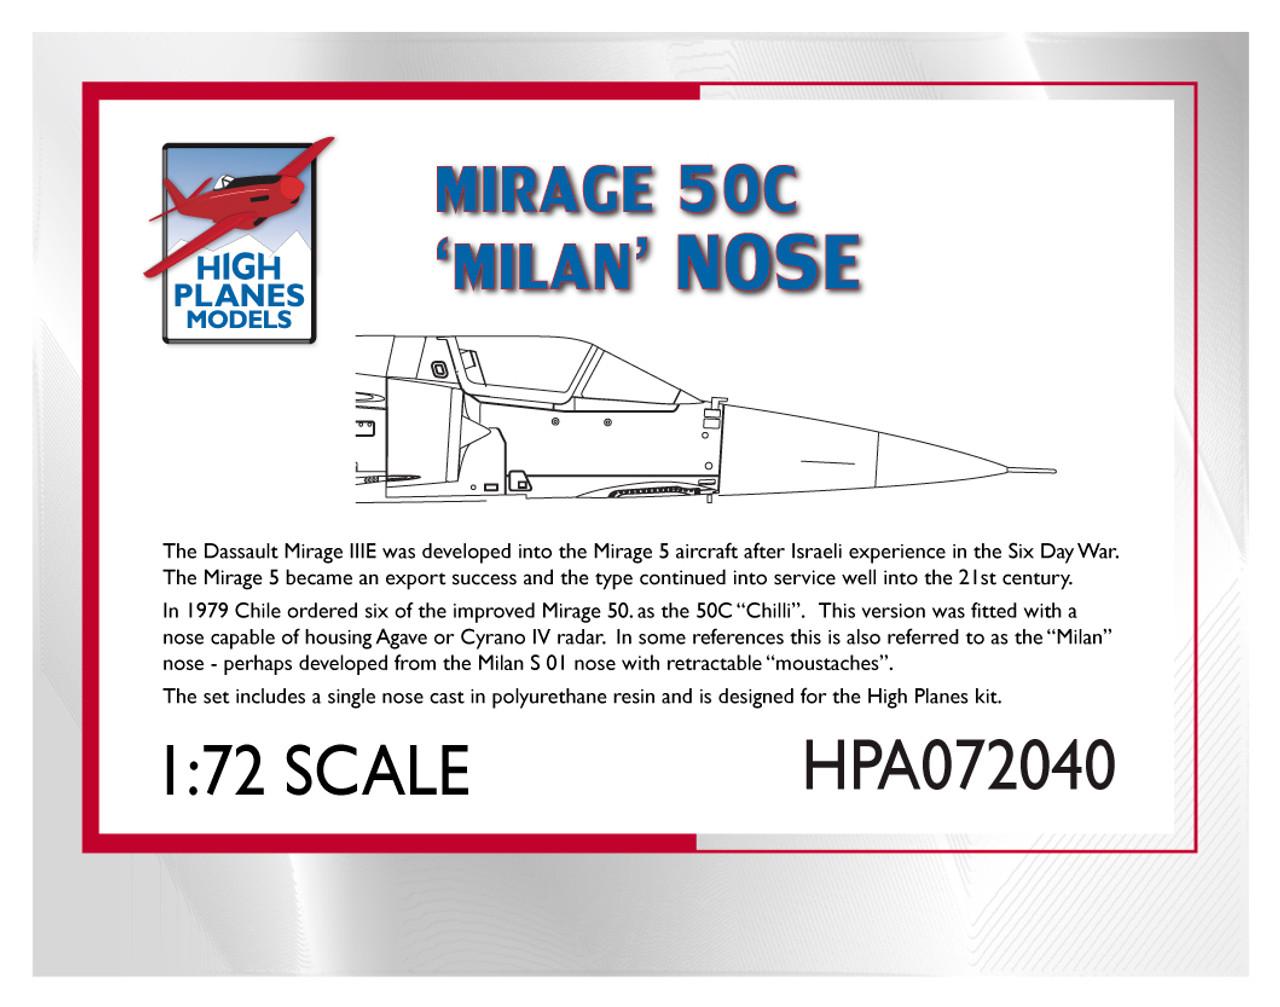 High Planes Dassault Mirage 50C 'Milan' Nose Accessories 1:72